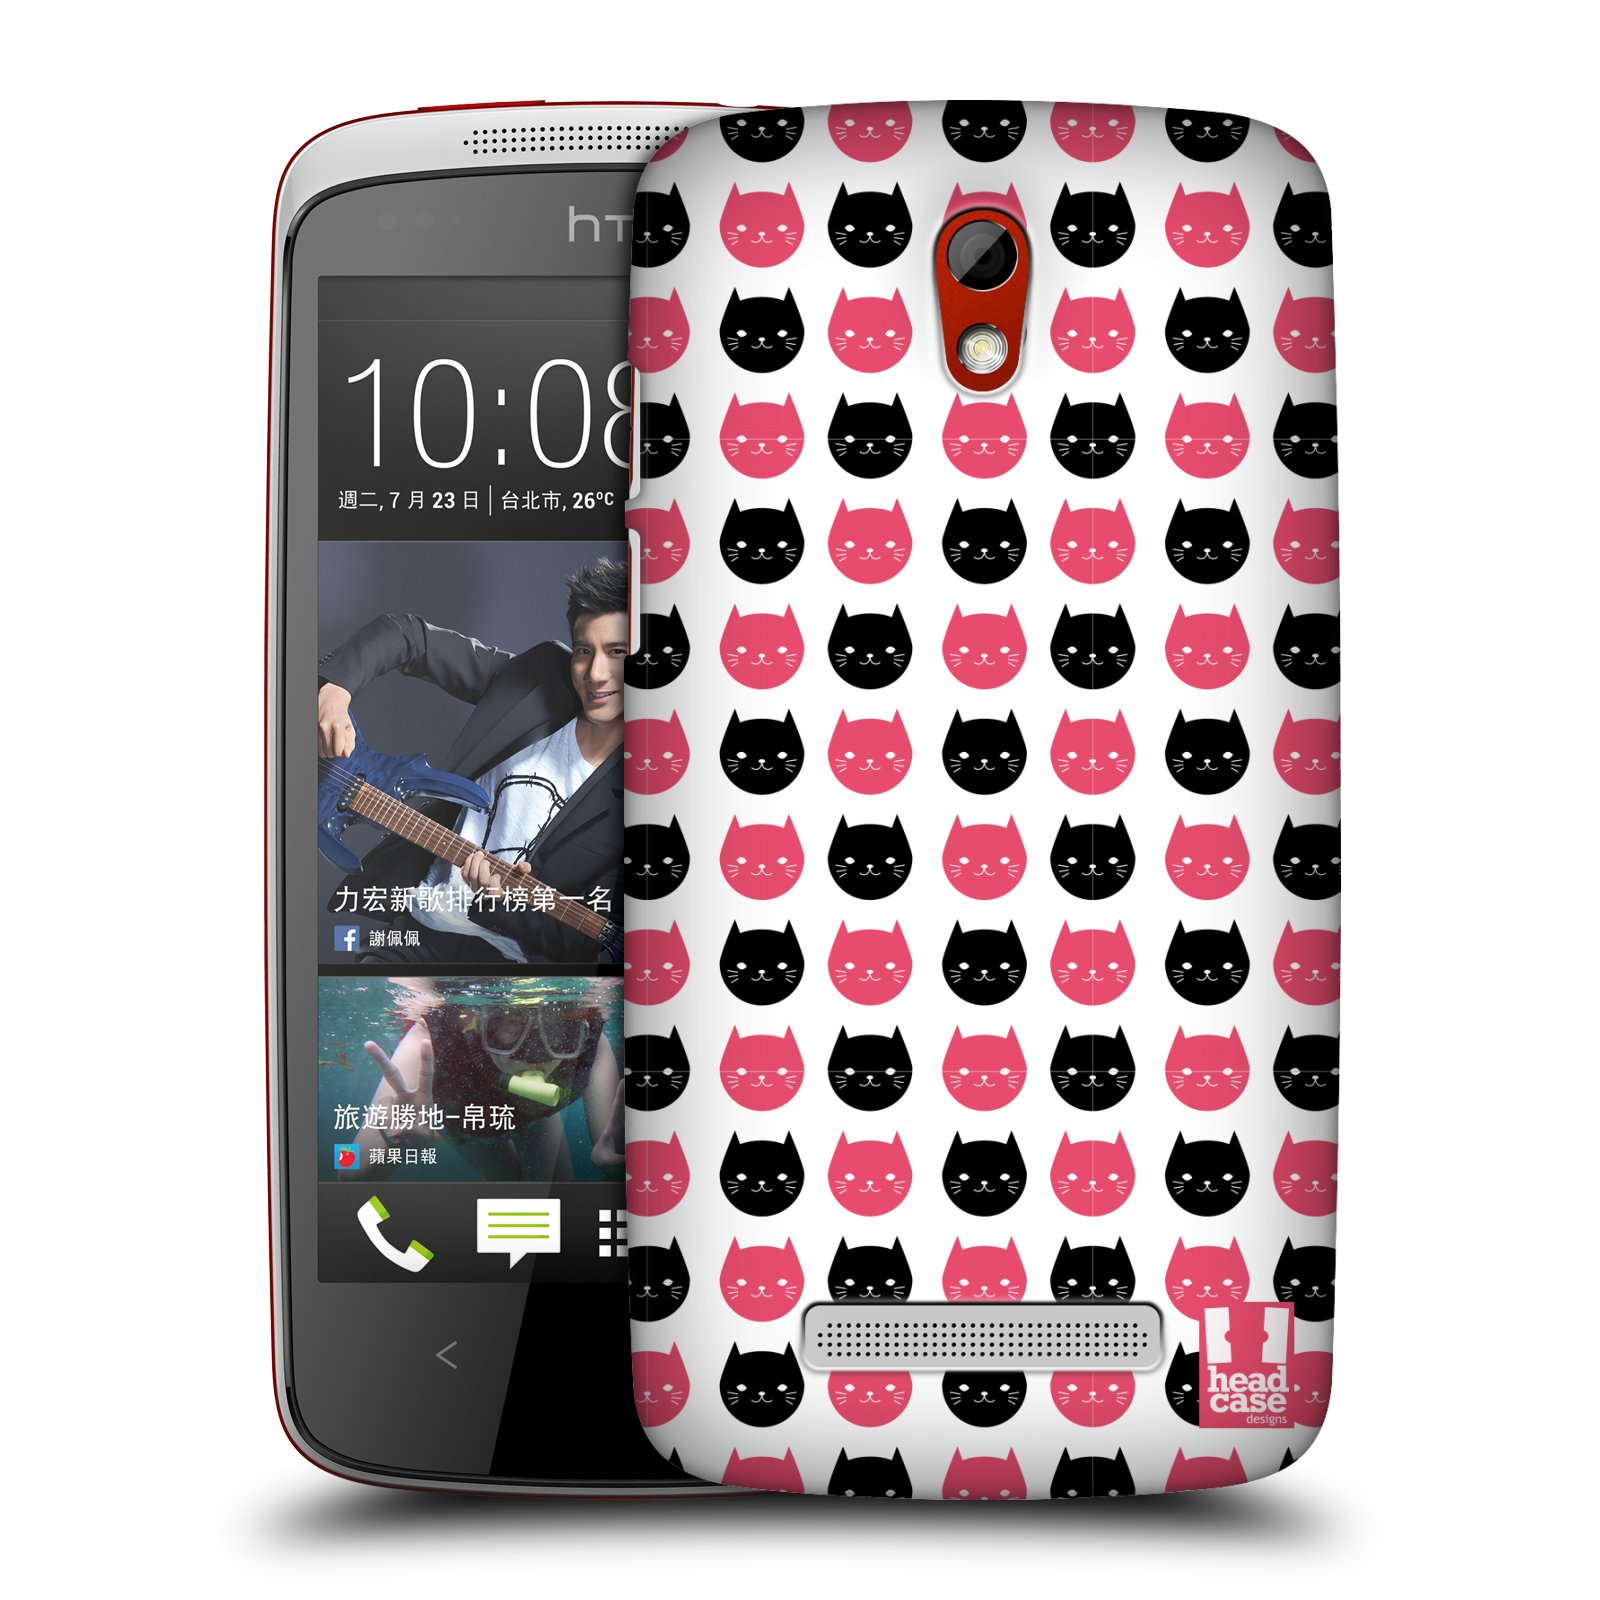 Plastové pouzdro na mobil HTC Desire 500 HEAD CASE KOČKY Black and Pink (Kryt či obal na mobilní telefon HTC Desire 500)